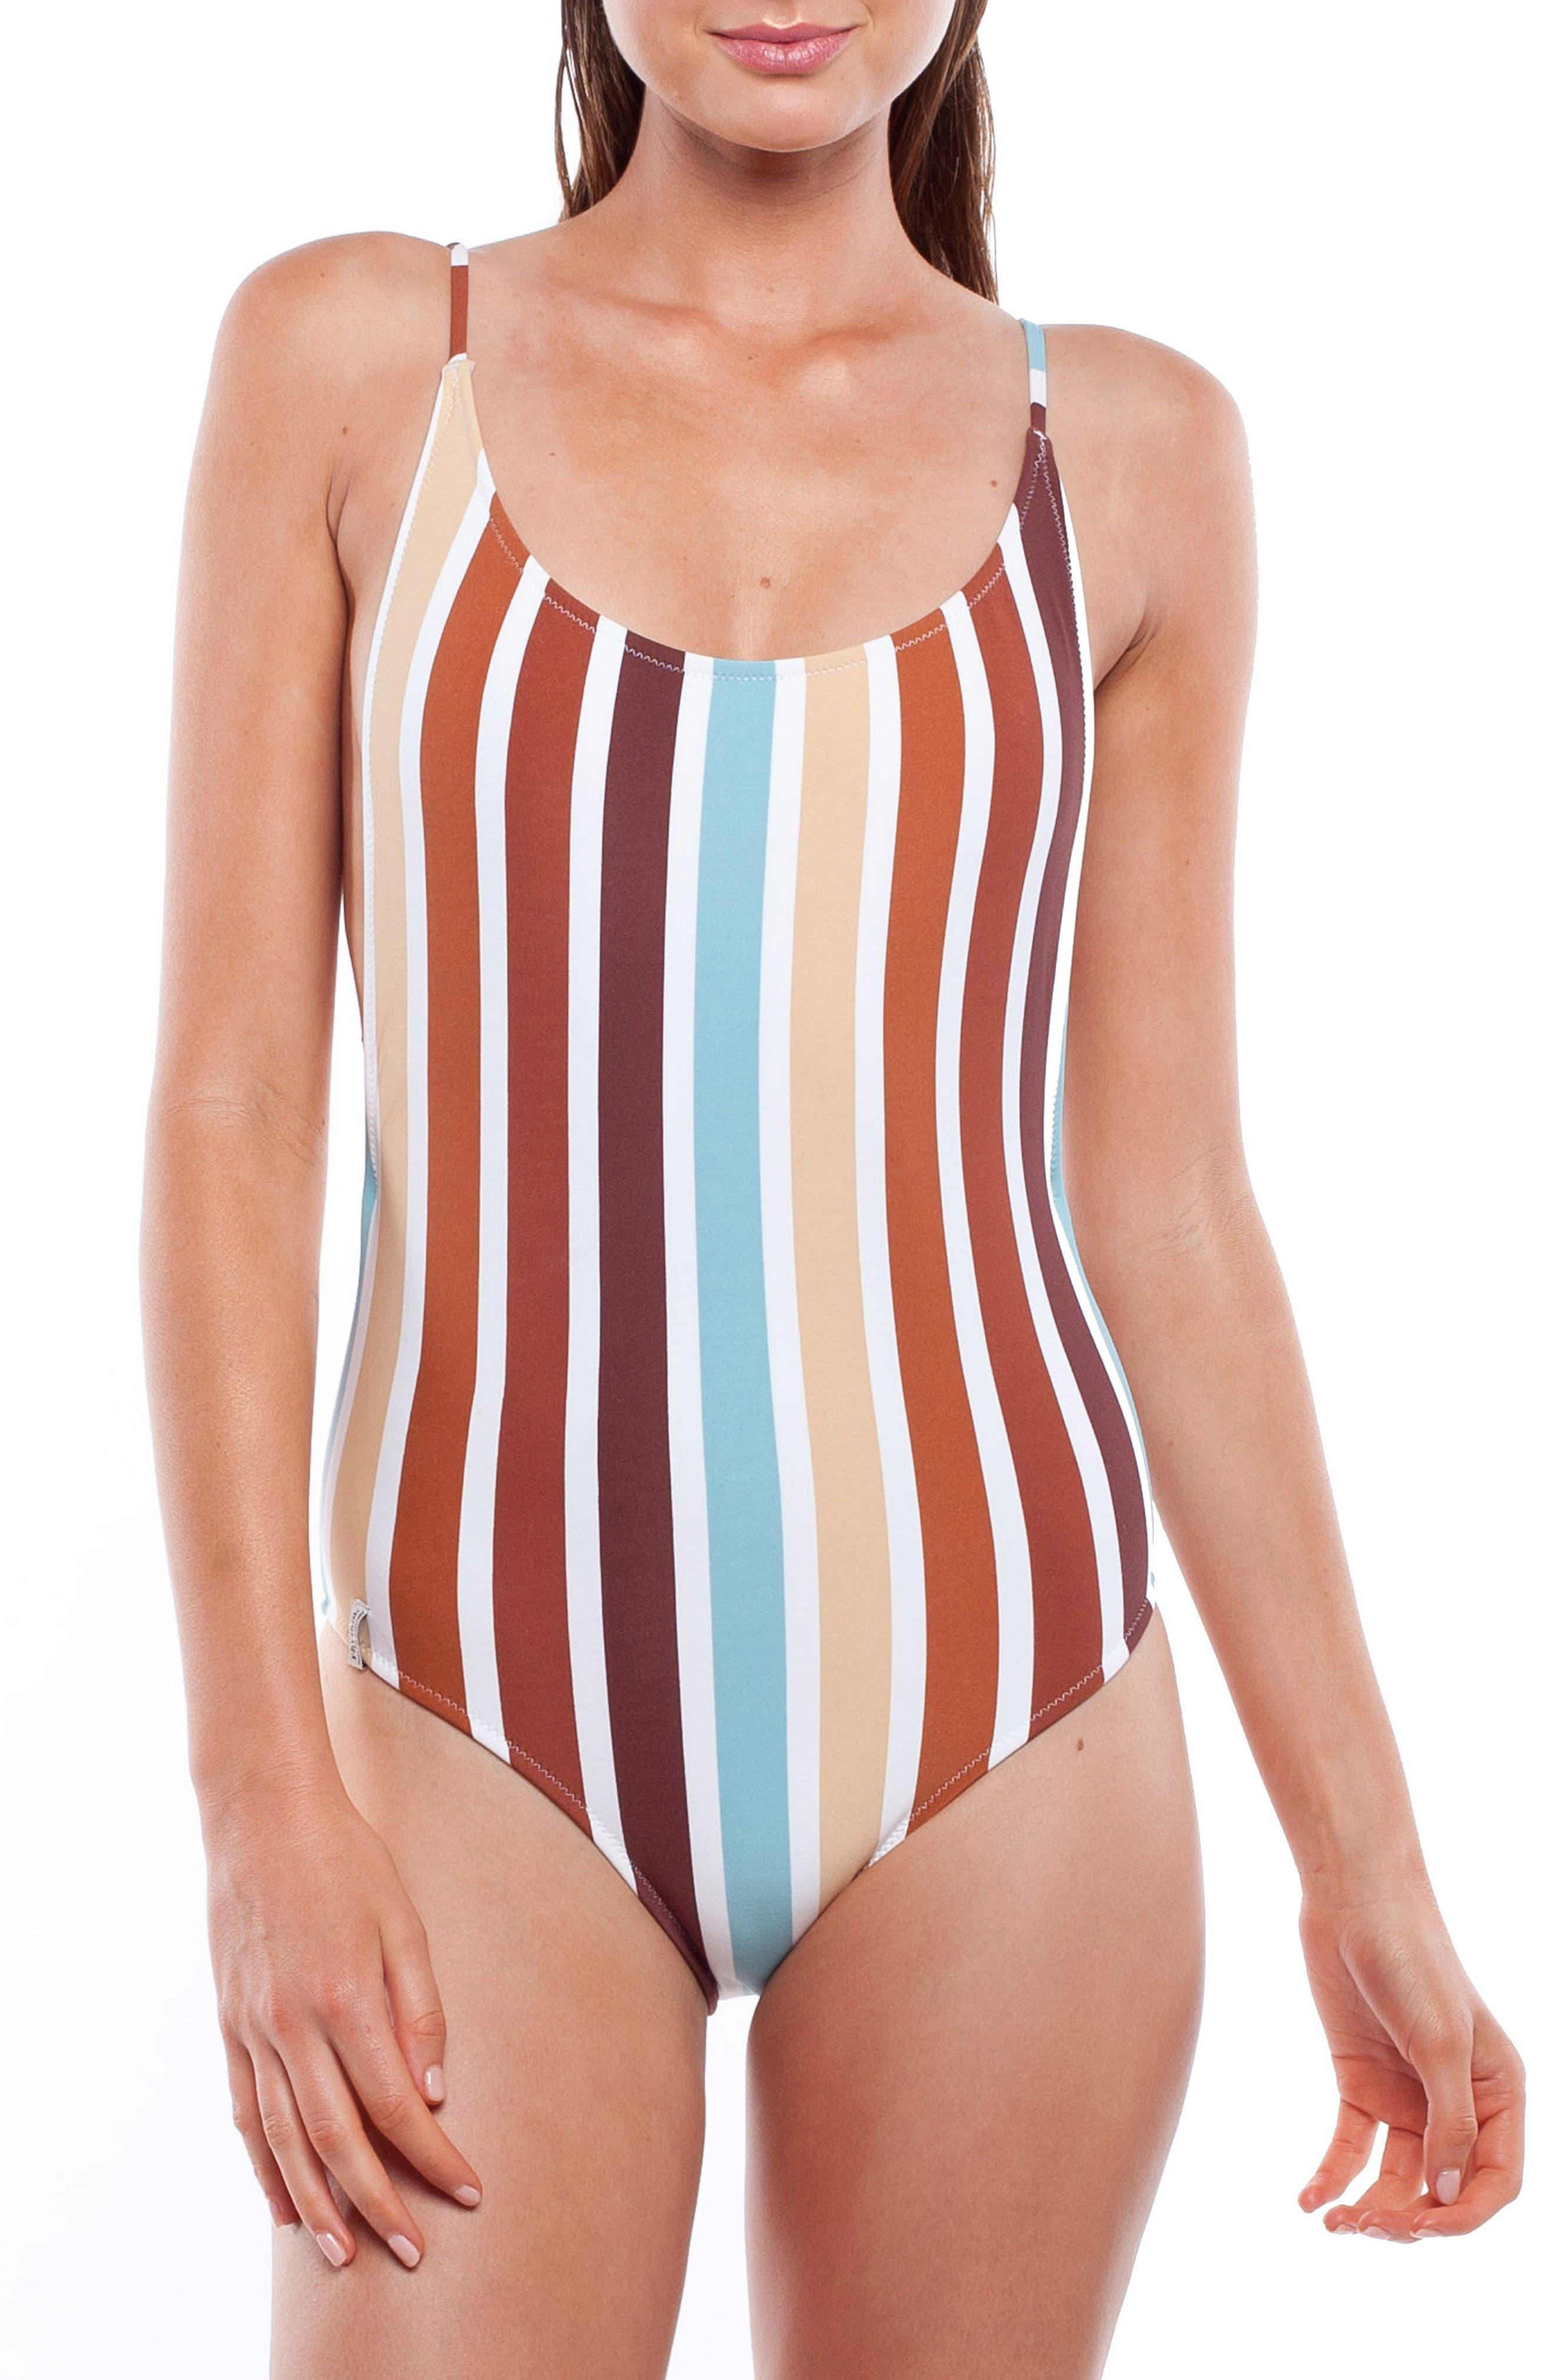 Stripe One-Piece Swimsuit,                             Main thumbnail 1, color,                             BLUE MULTI